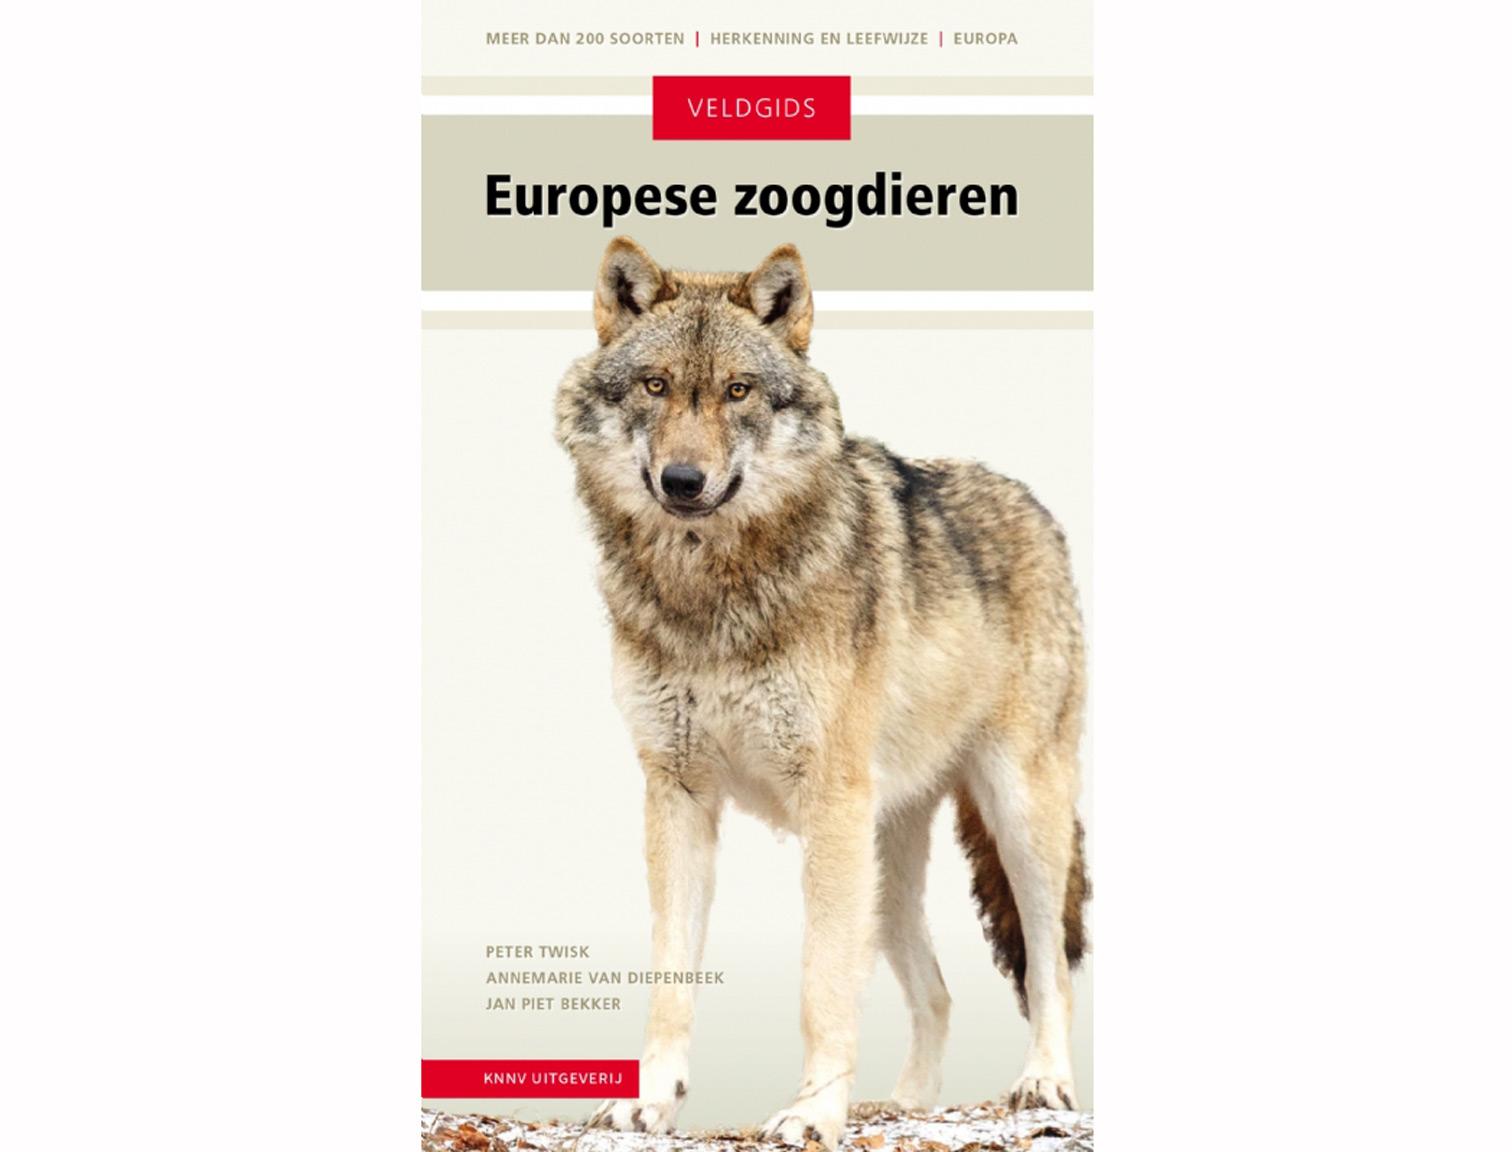 veldgids_europese_zoogdieren(2)